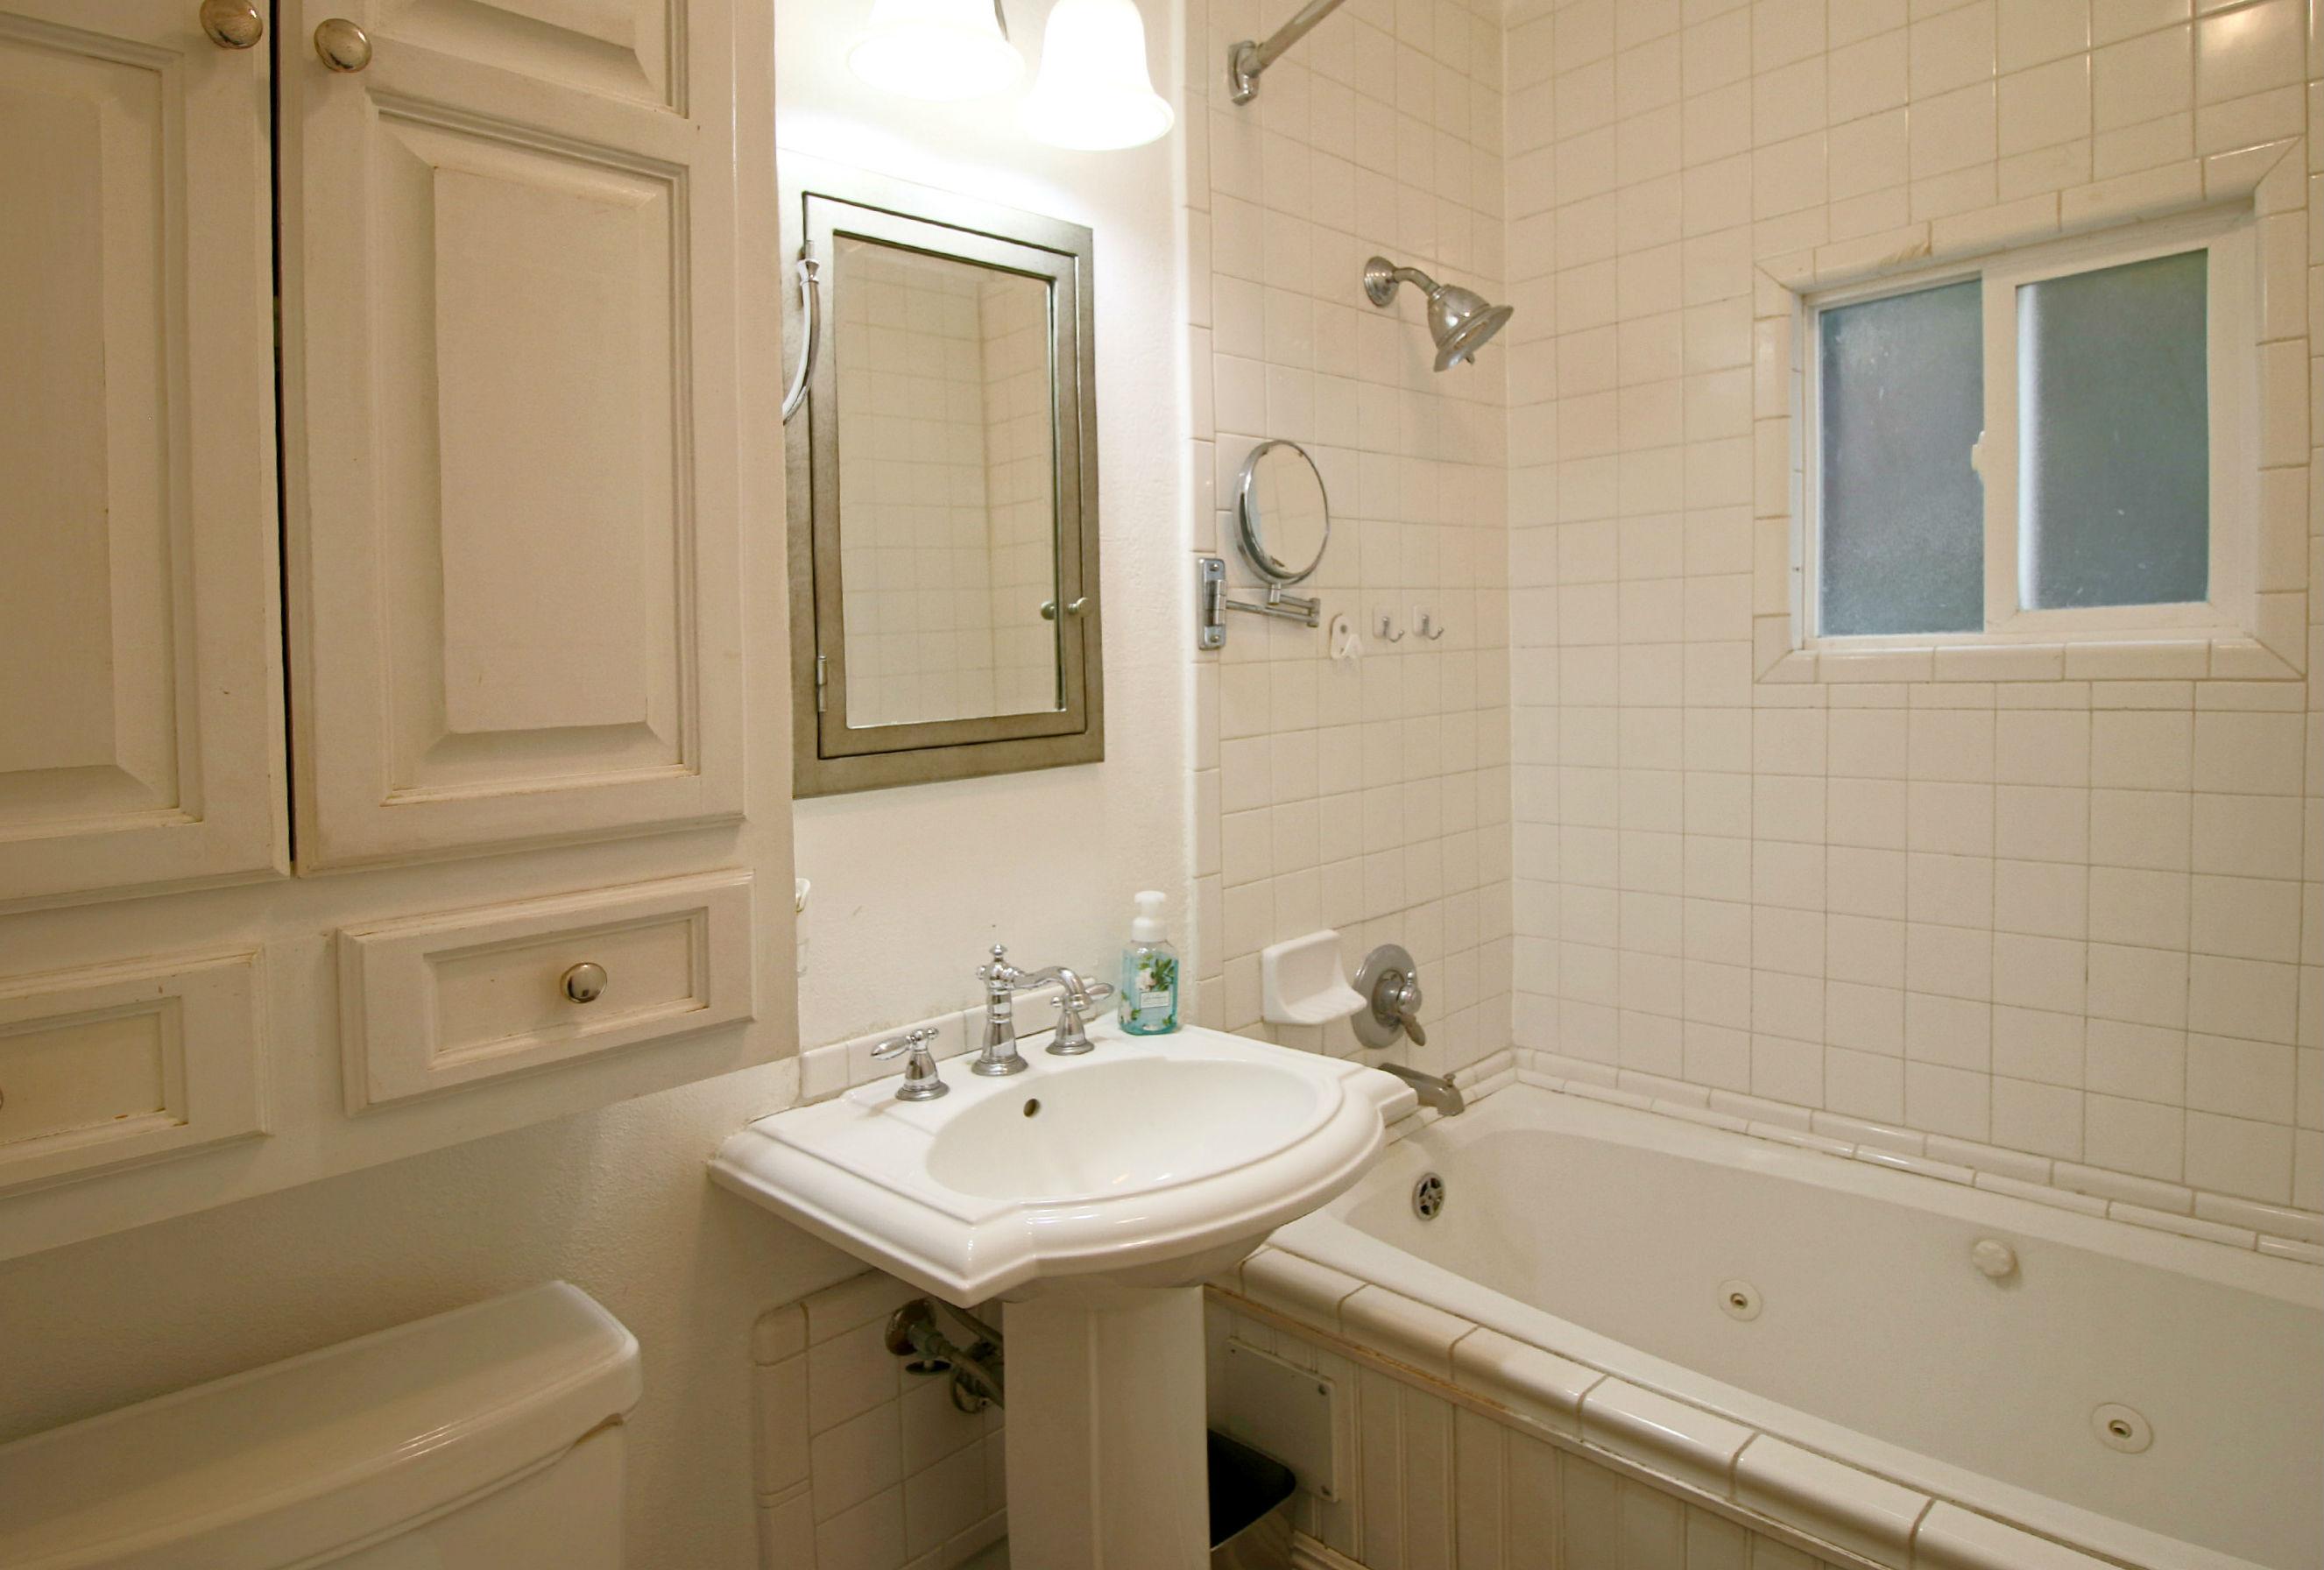 Hallway bathroom with spa tub and pedestal sink.